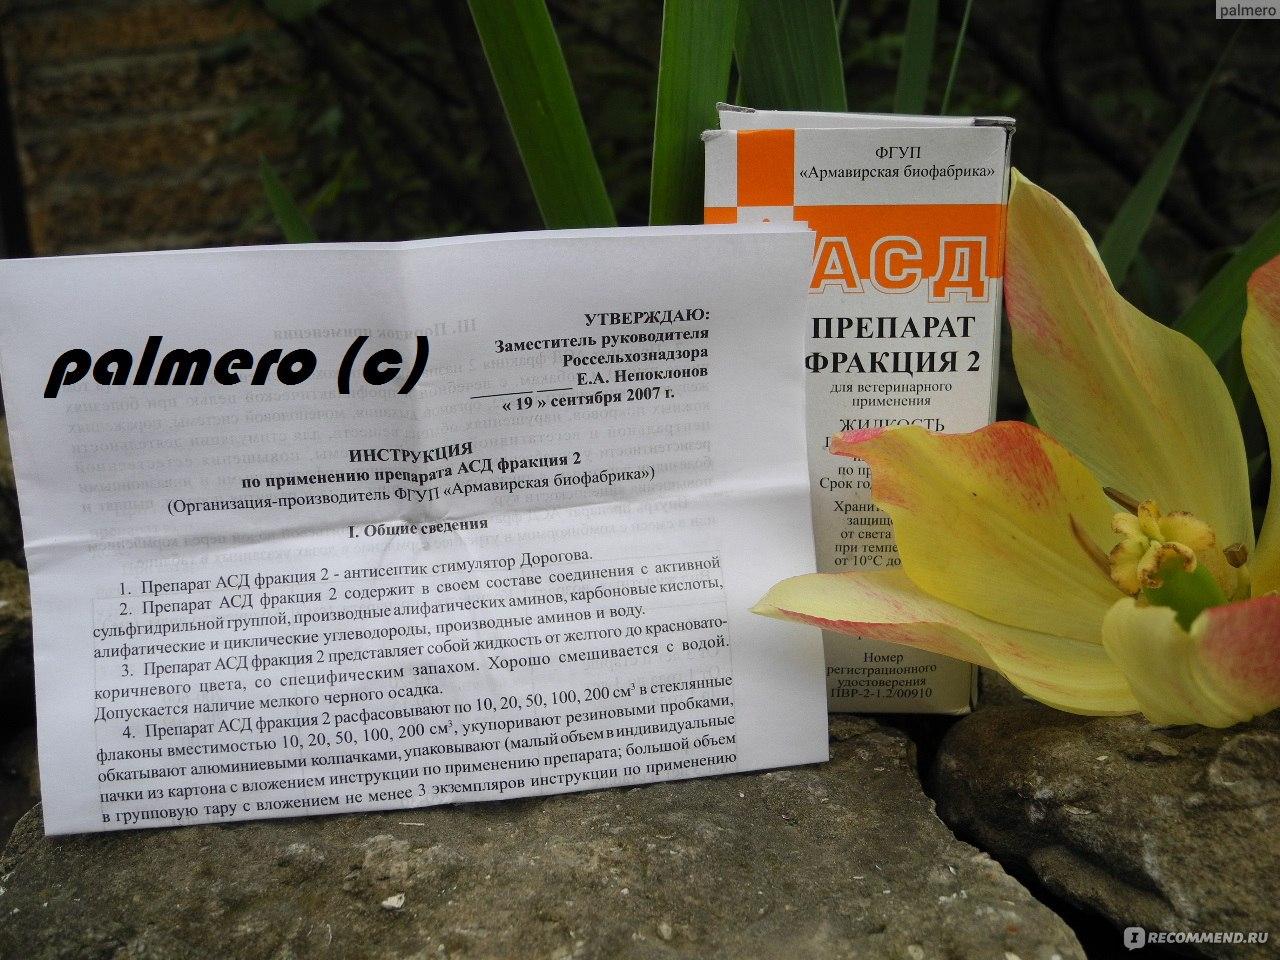 Асд 3 лечение псориаза отзывы